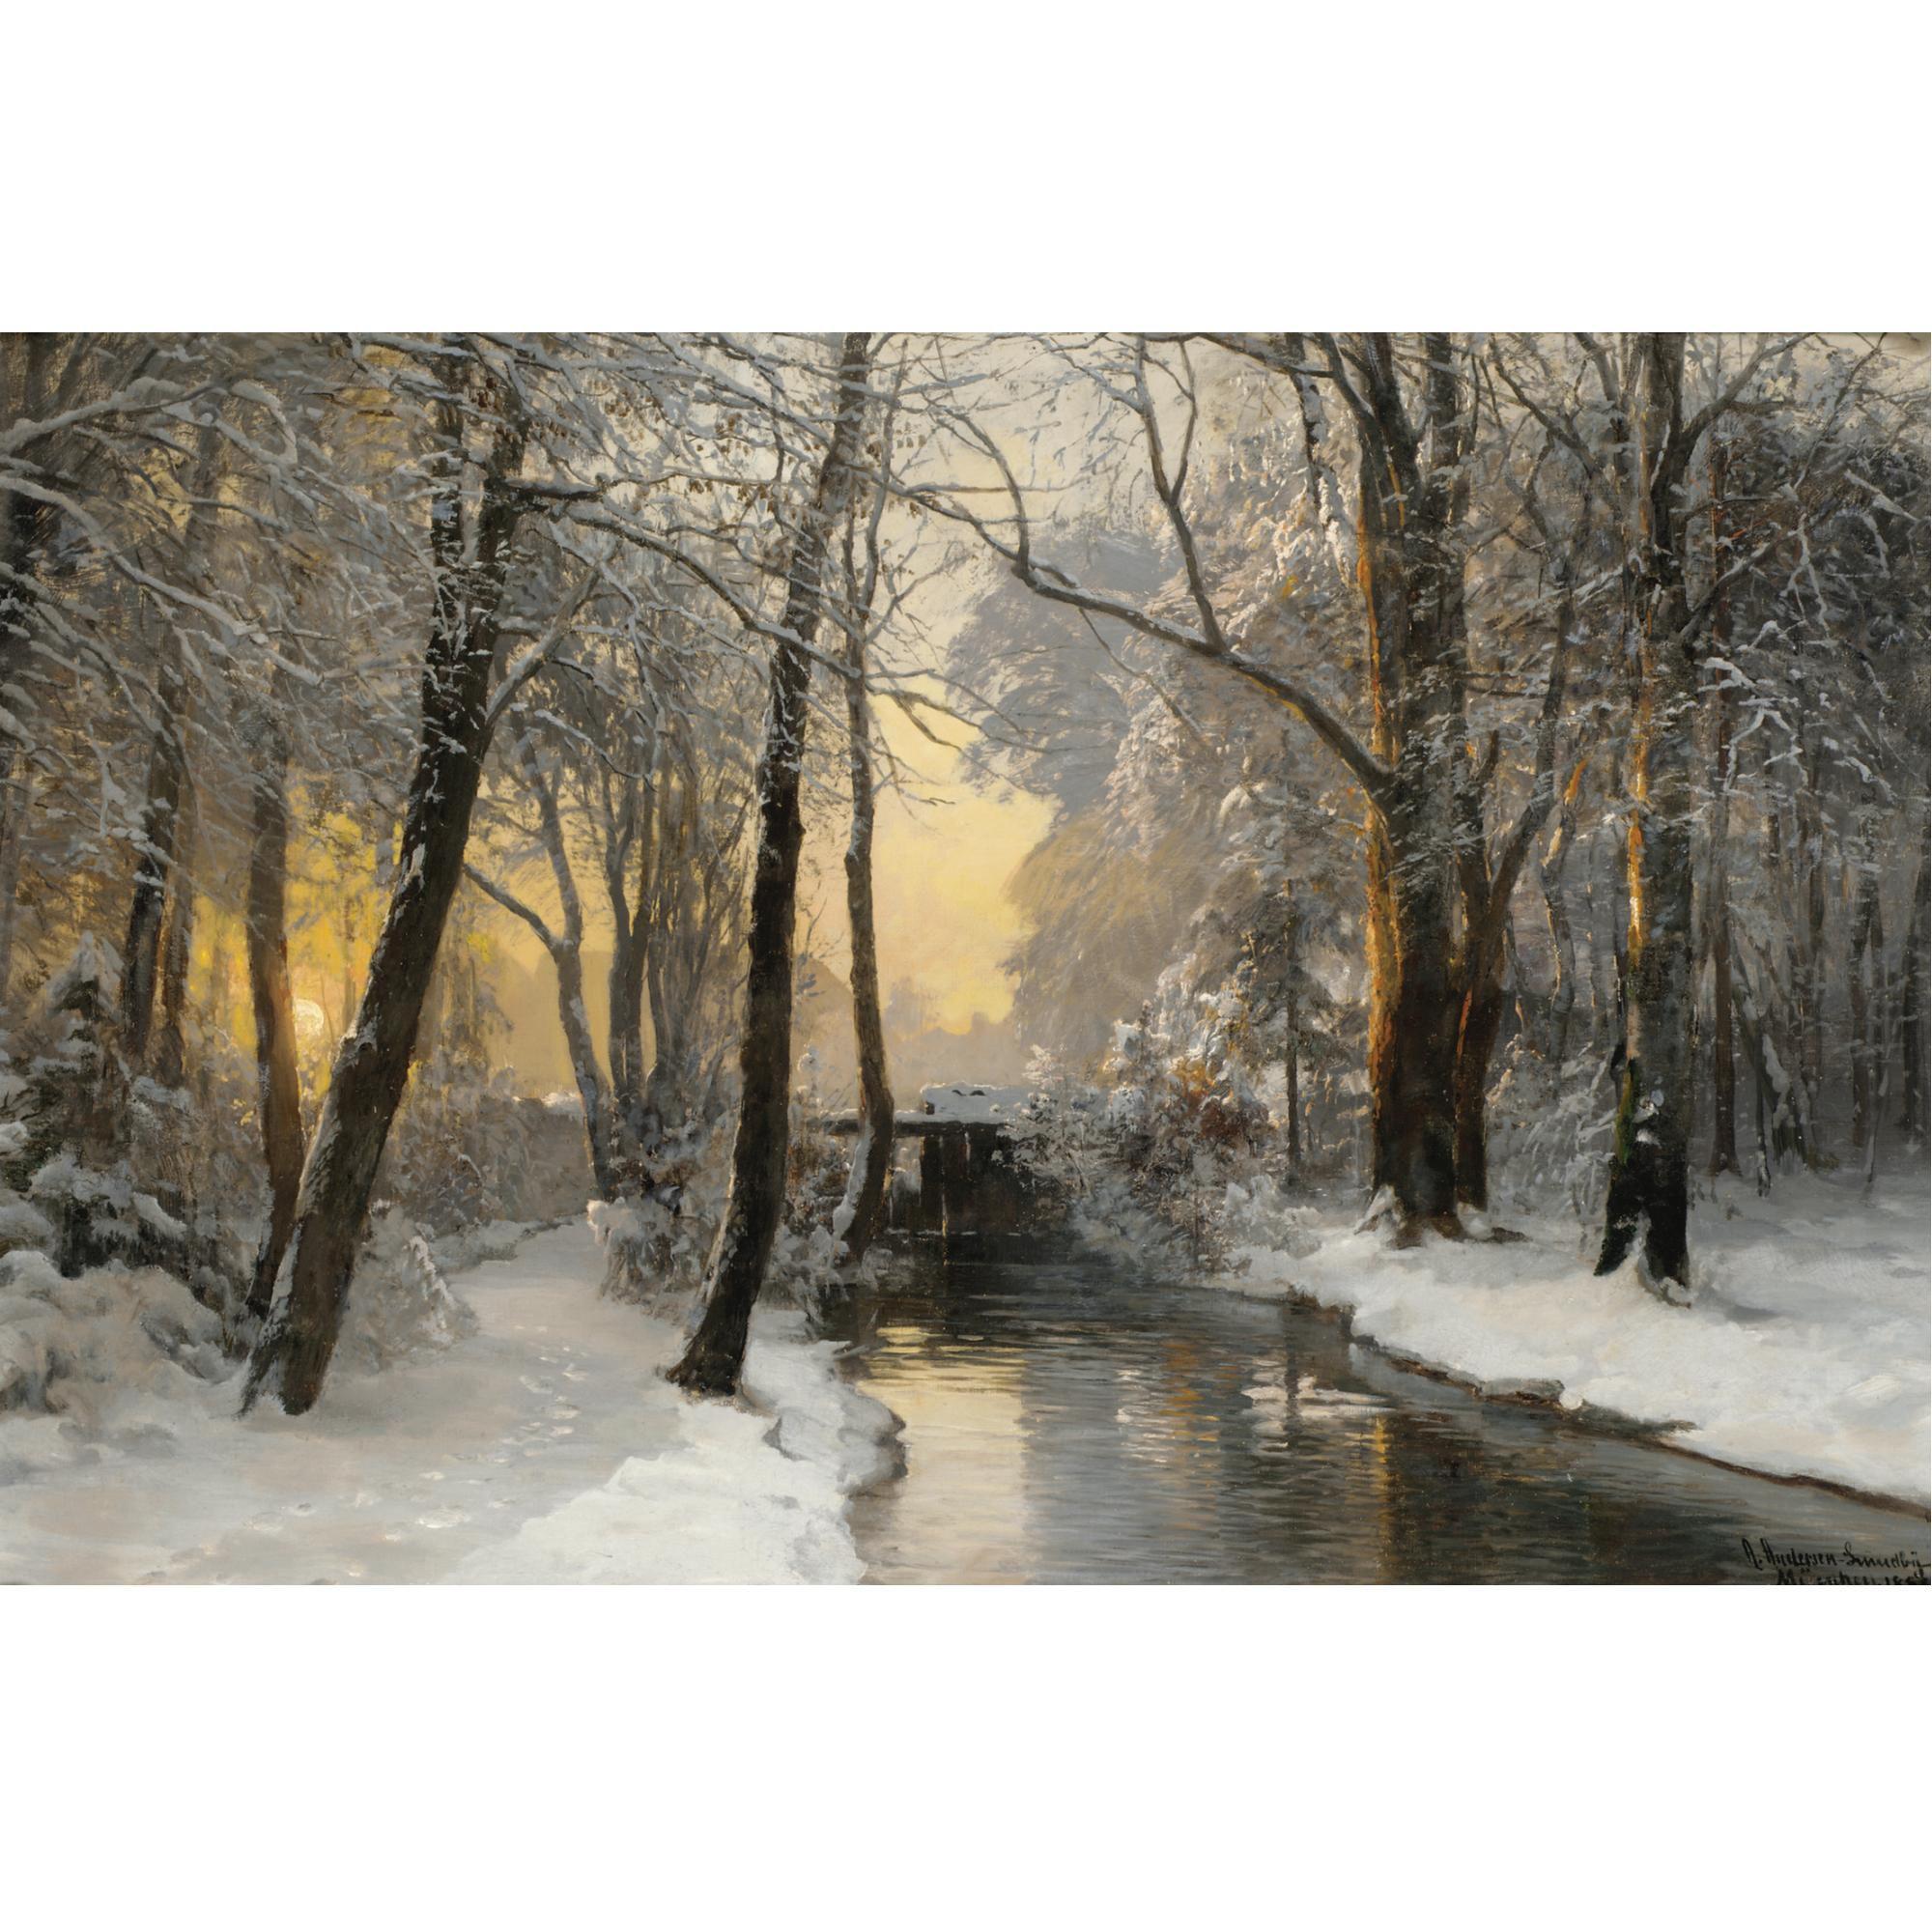 Anders Andersen-Lundby<br>Danish, 1840-1923 | lot | Sotheby's